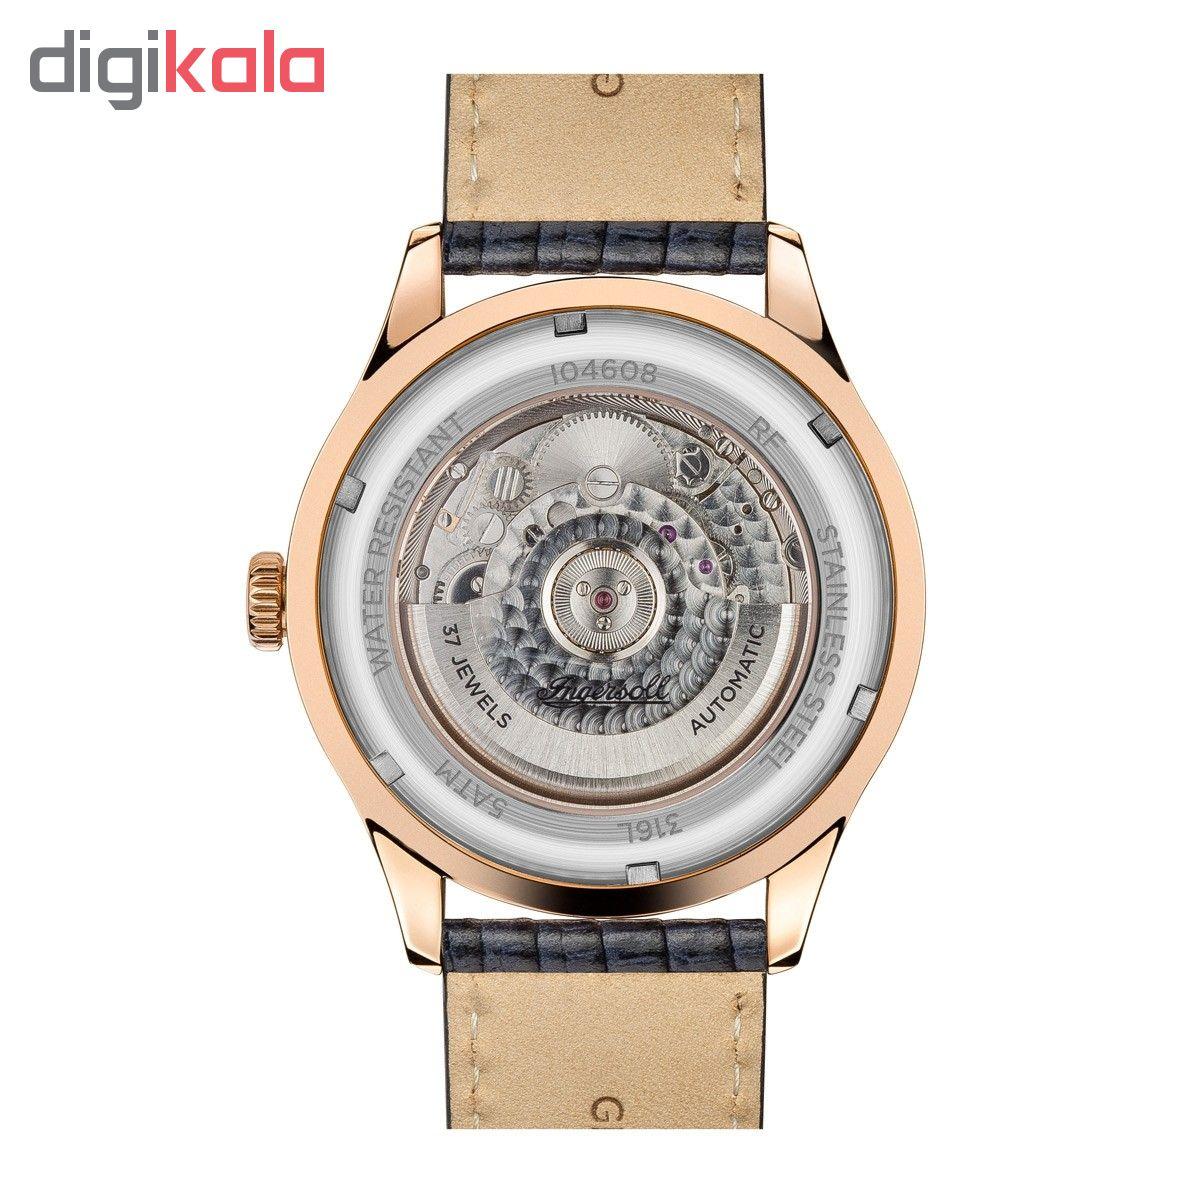 ساعت مچی عقربه ای مردانه اینگرسل مدل I04608